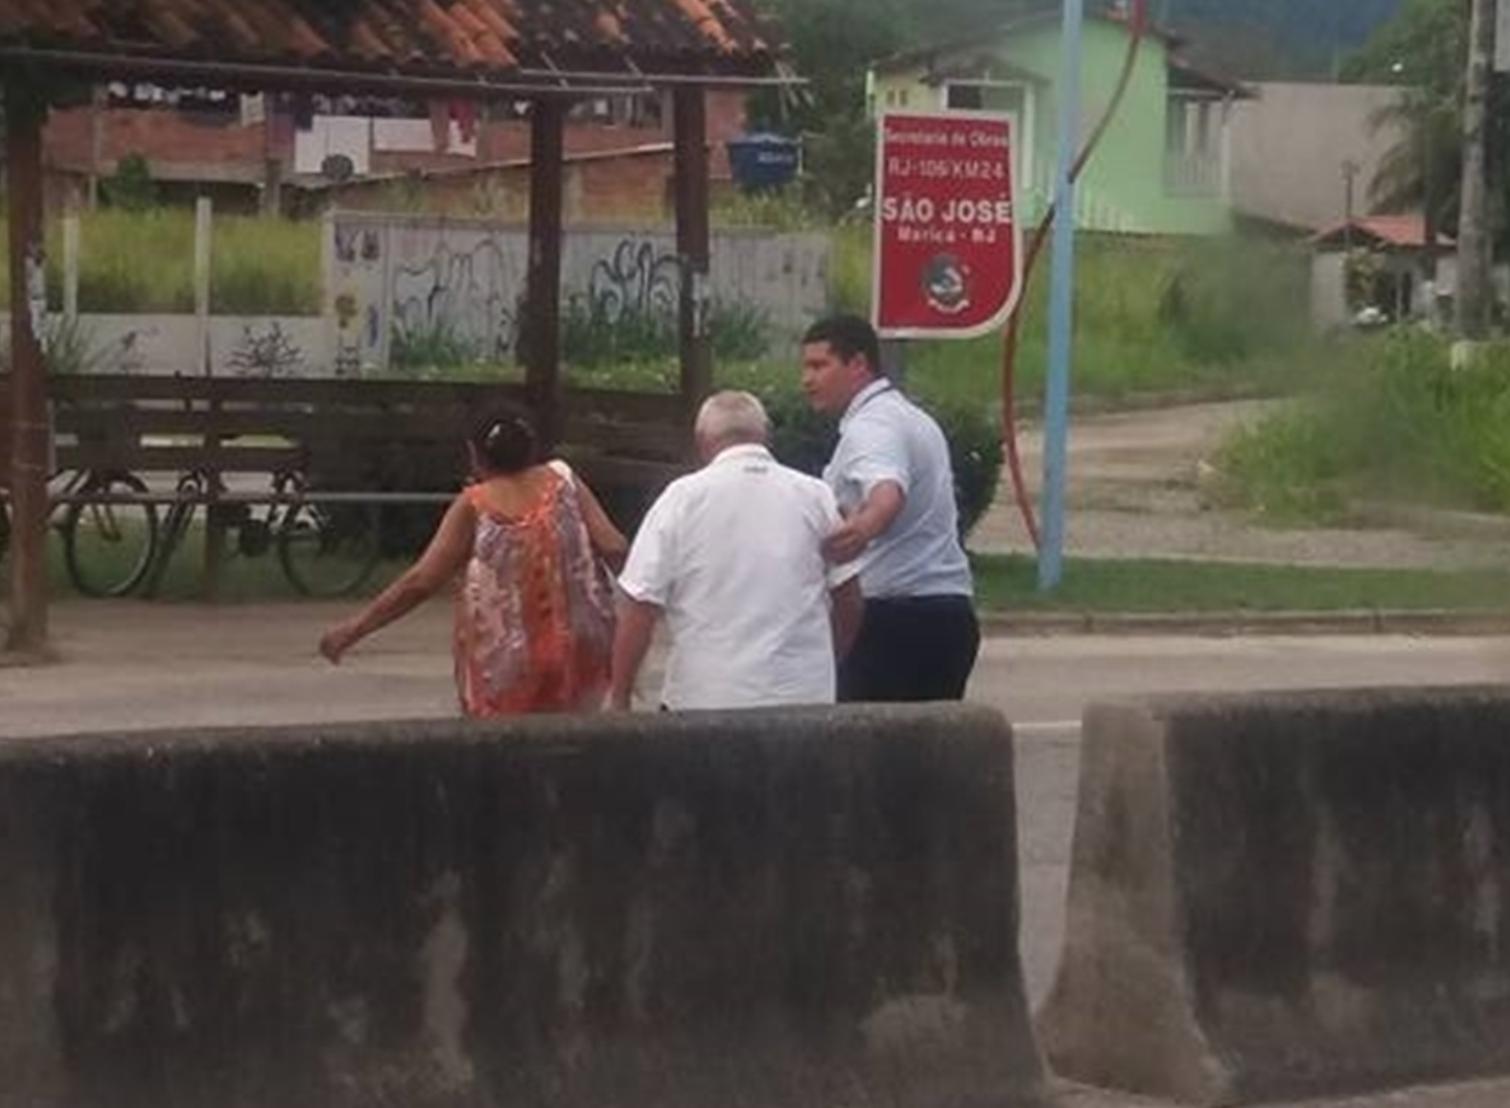 Motorista para o ônibus para ajudar casal de velhinhos a atravessar rodovia 1